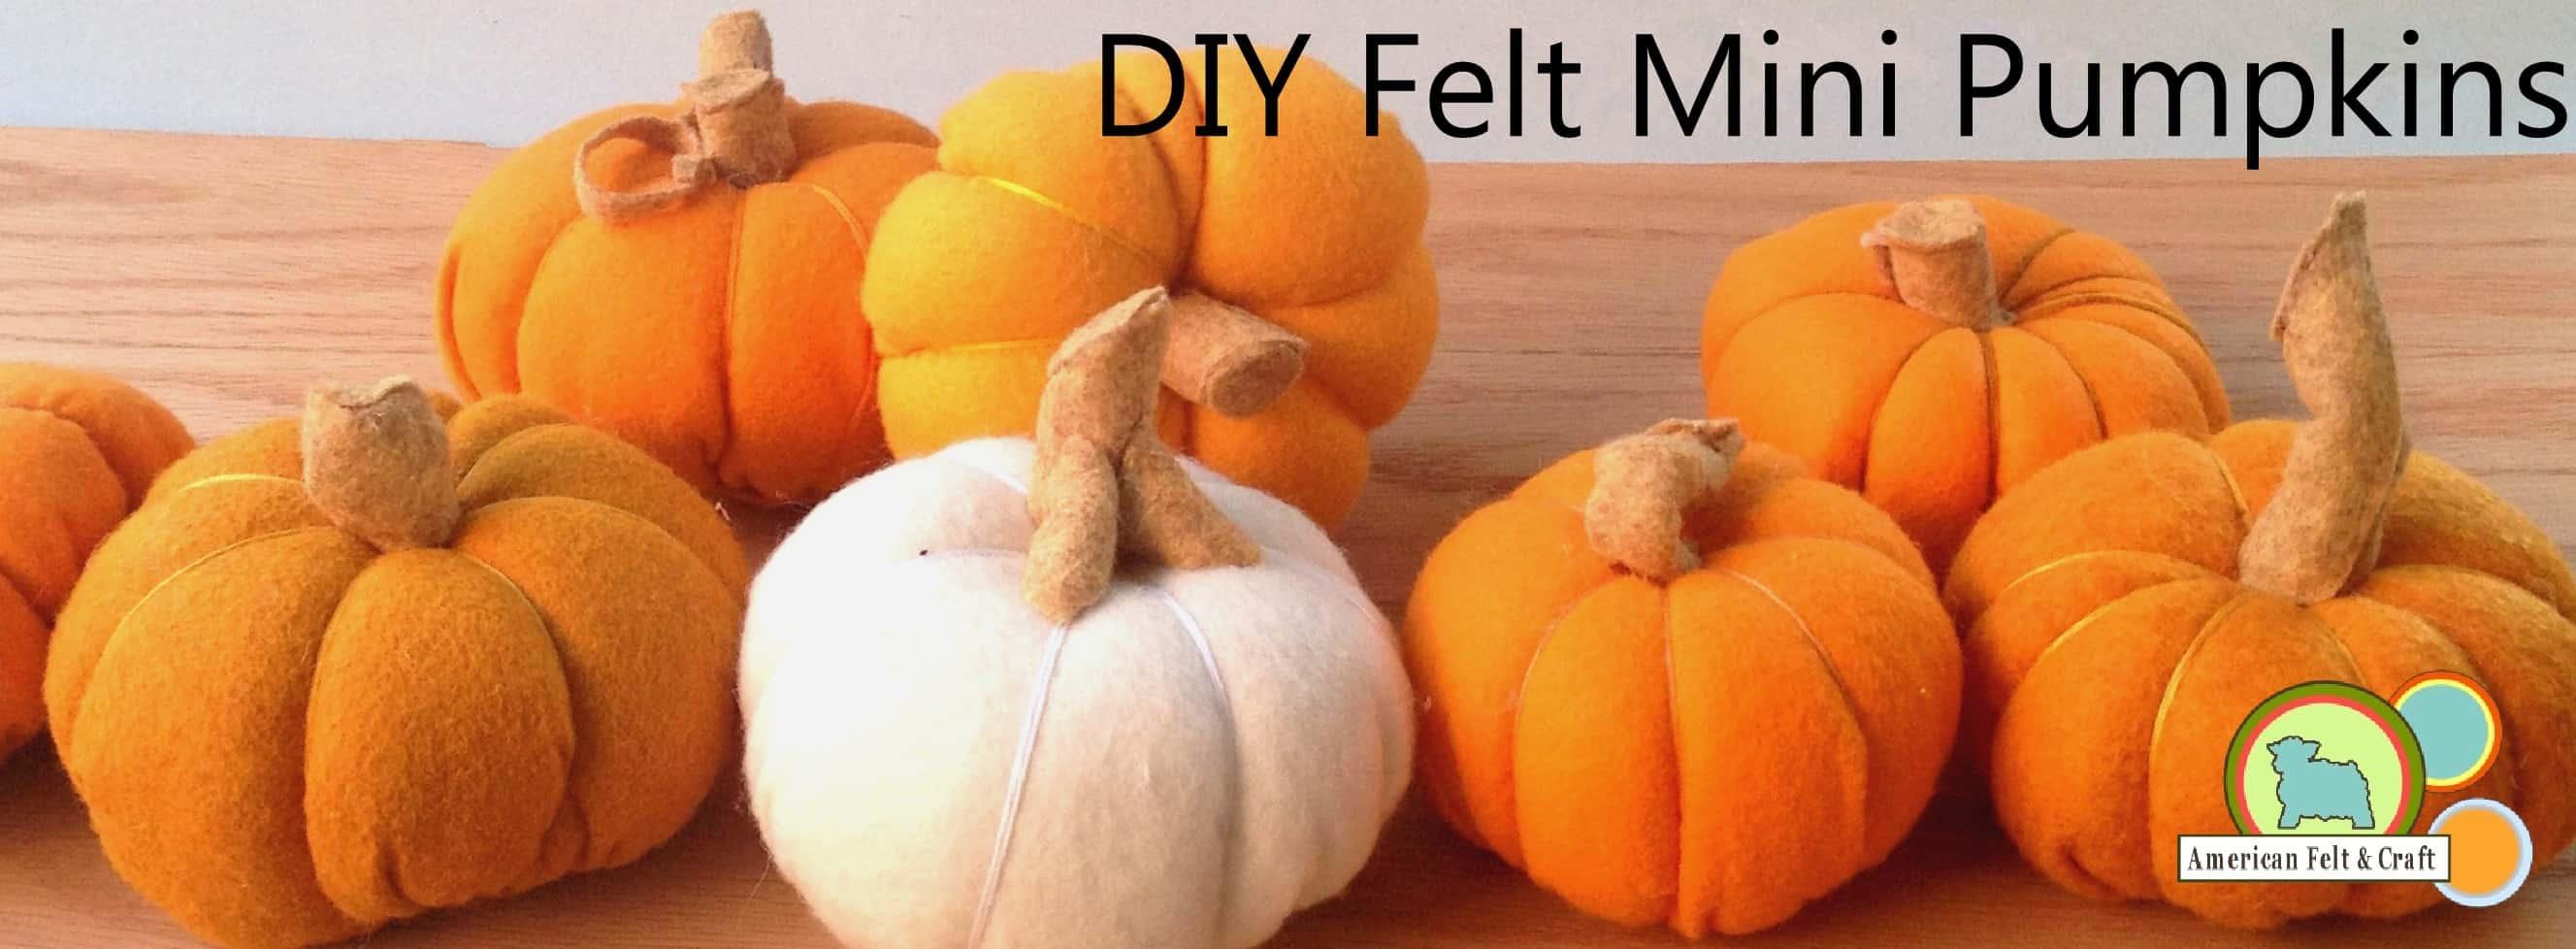 DIY felt mini pumpkins 15 Cute Fall Pumpkin Crafts